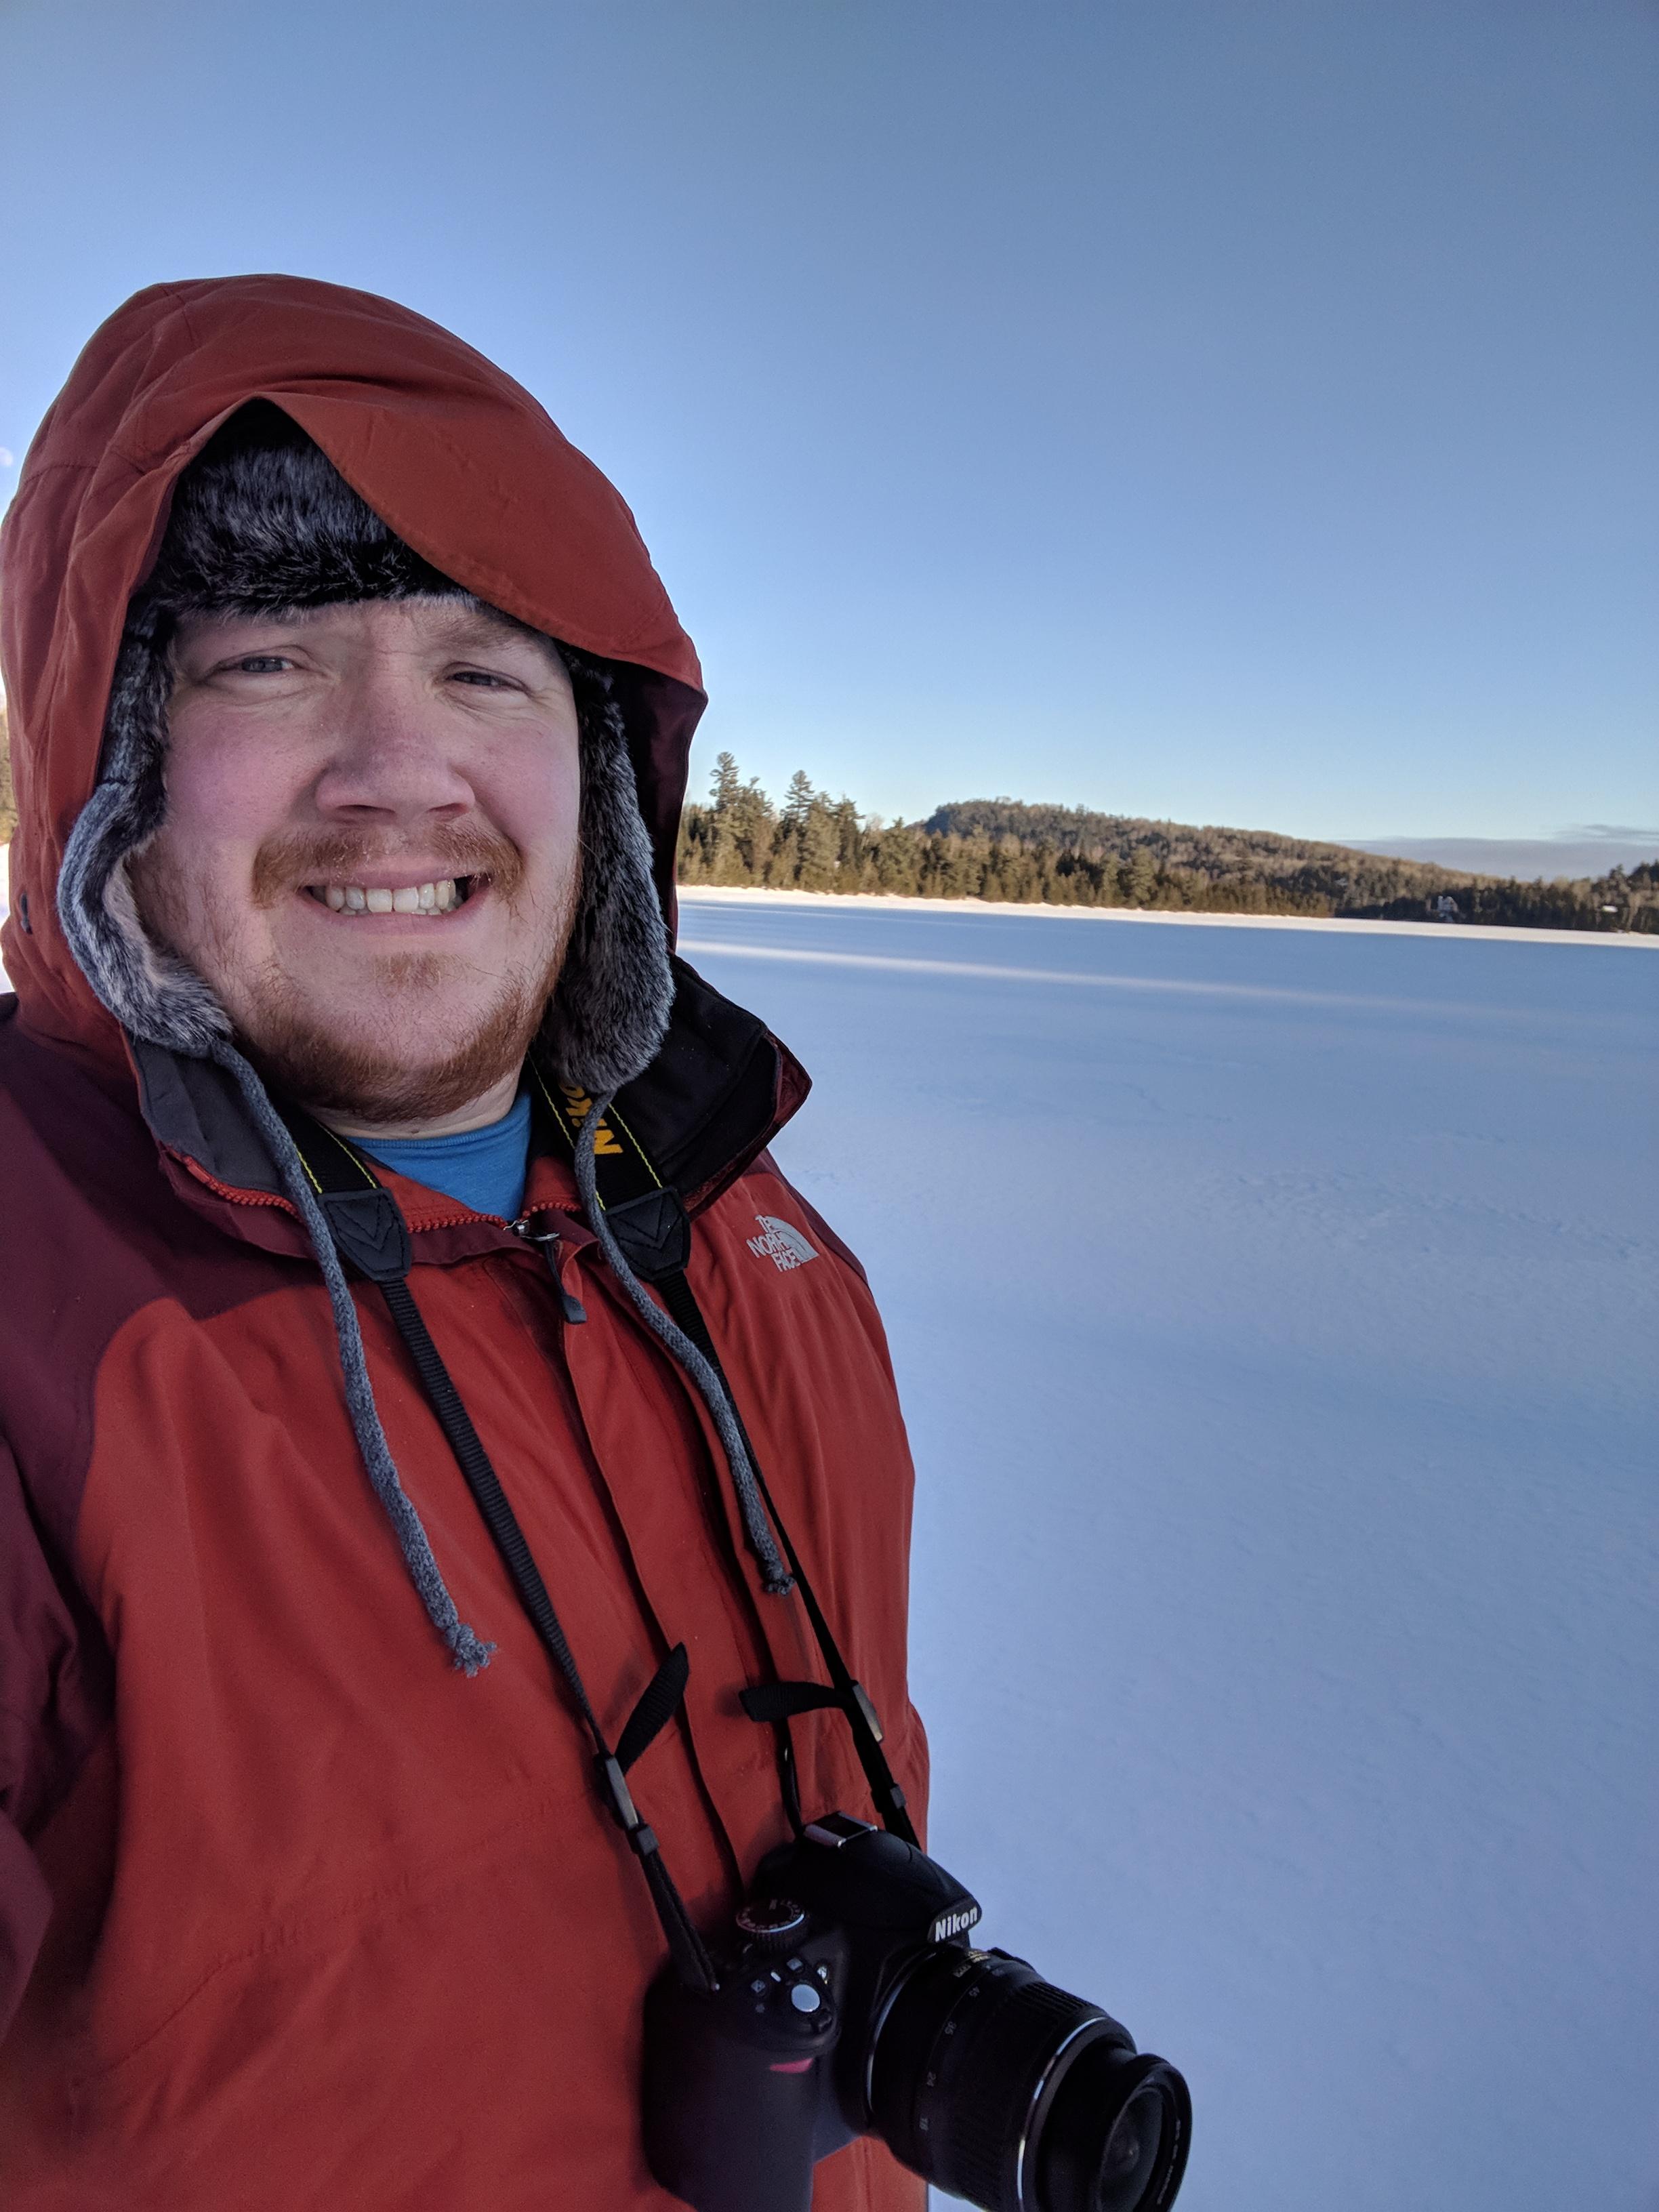 Frozen lake in N. Minnesota '18